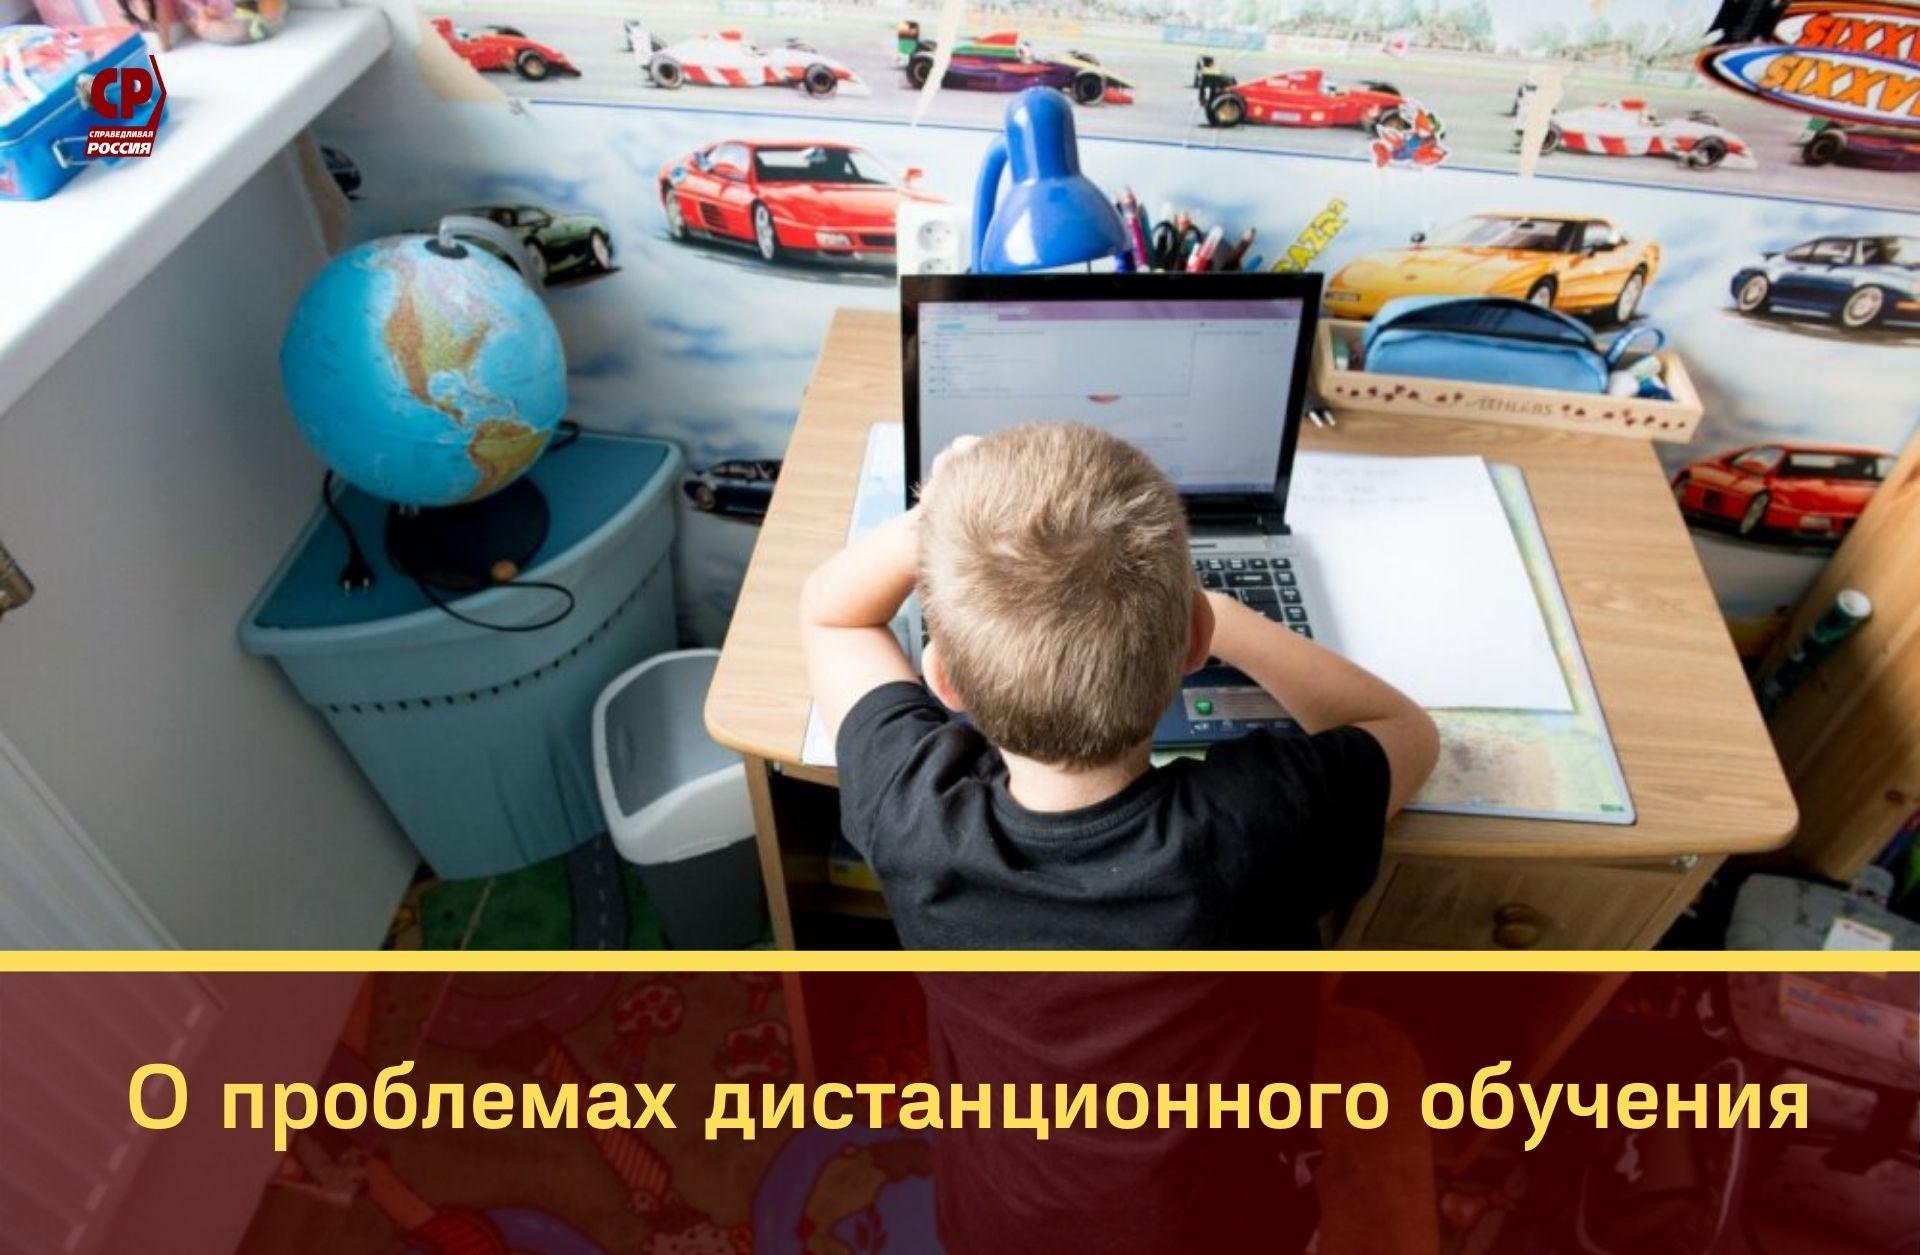 О проблемах дистанционного обучения в Москве